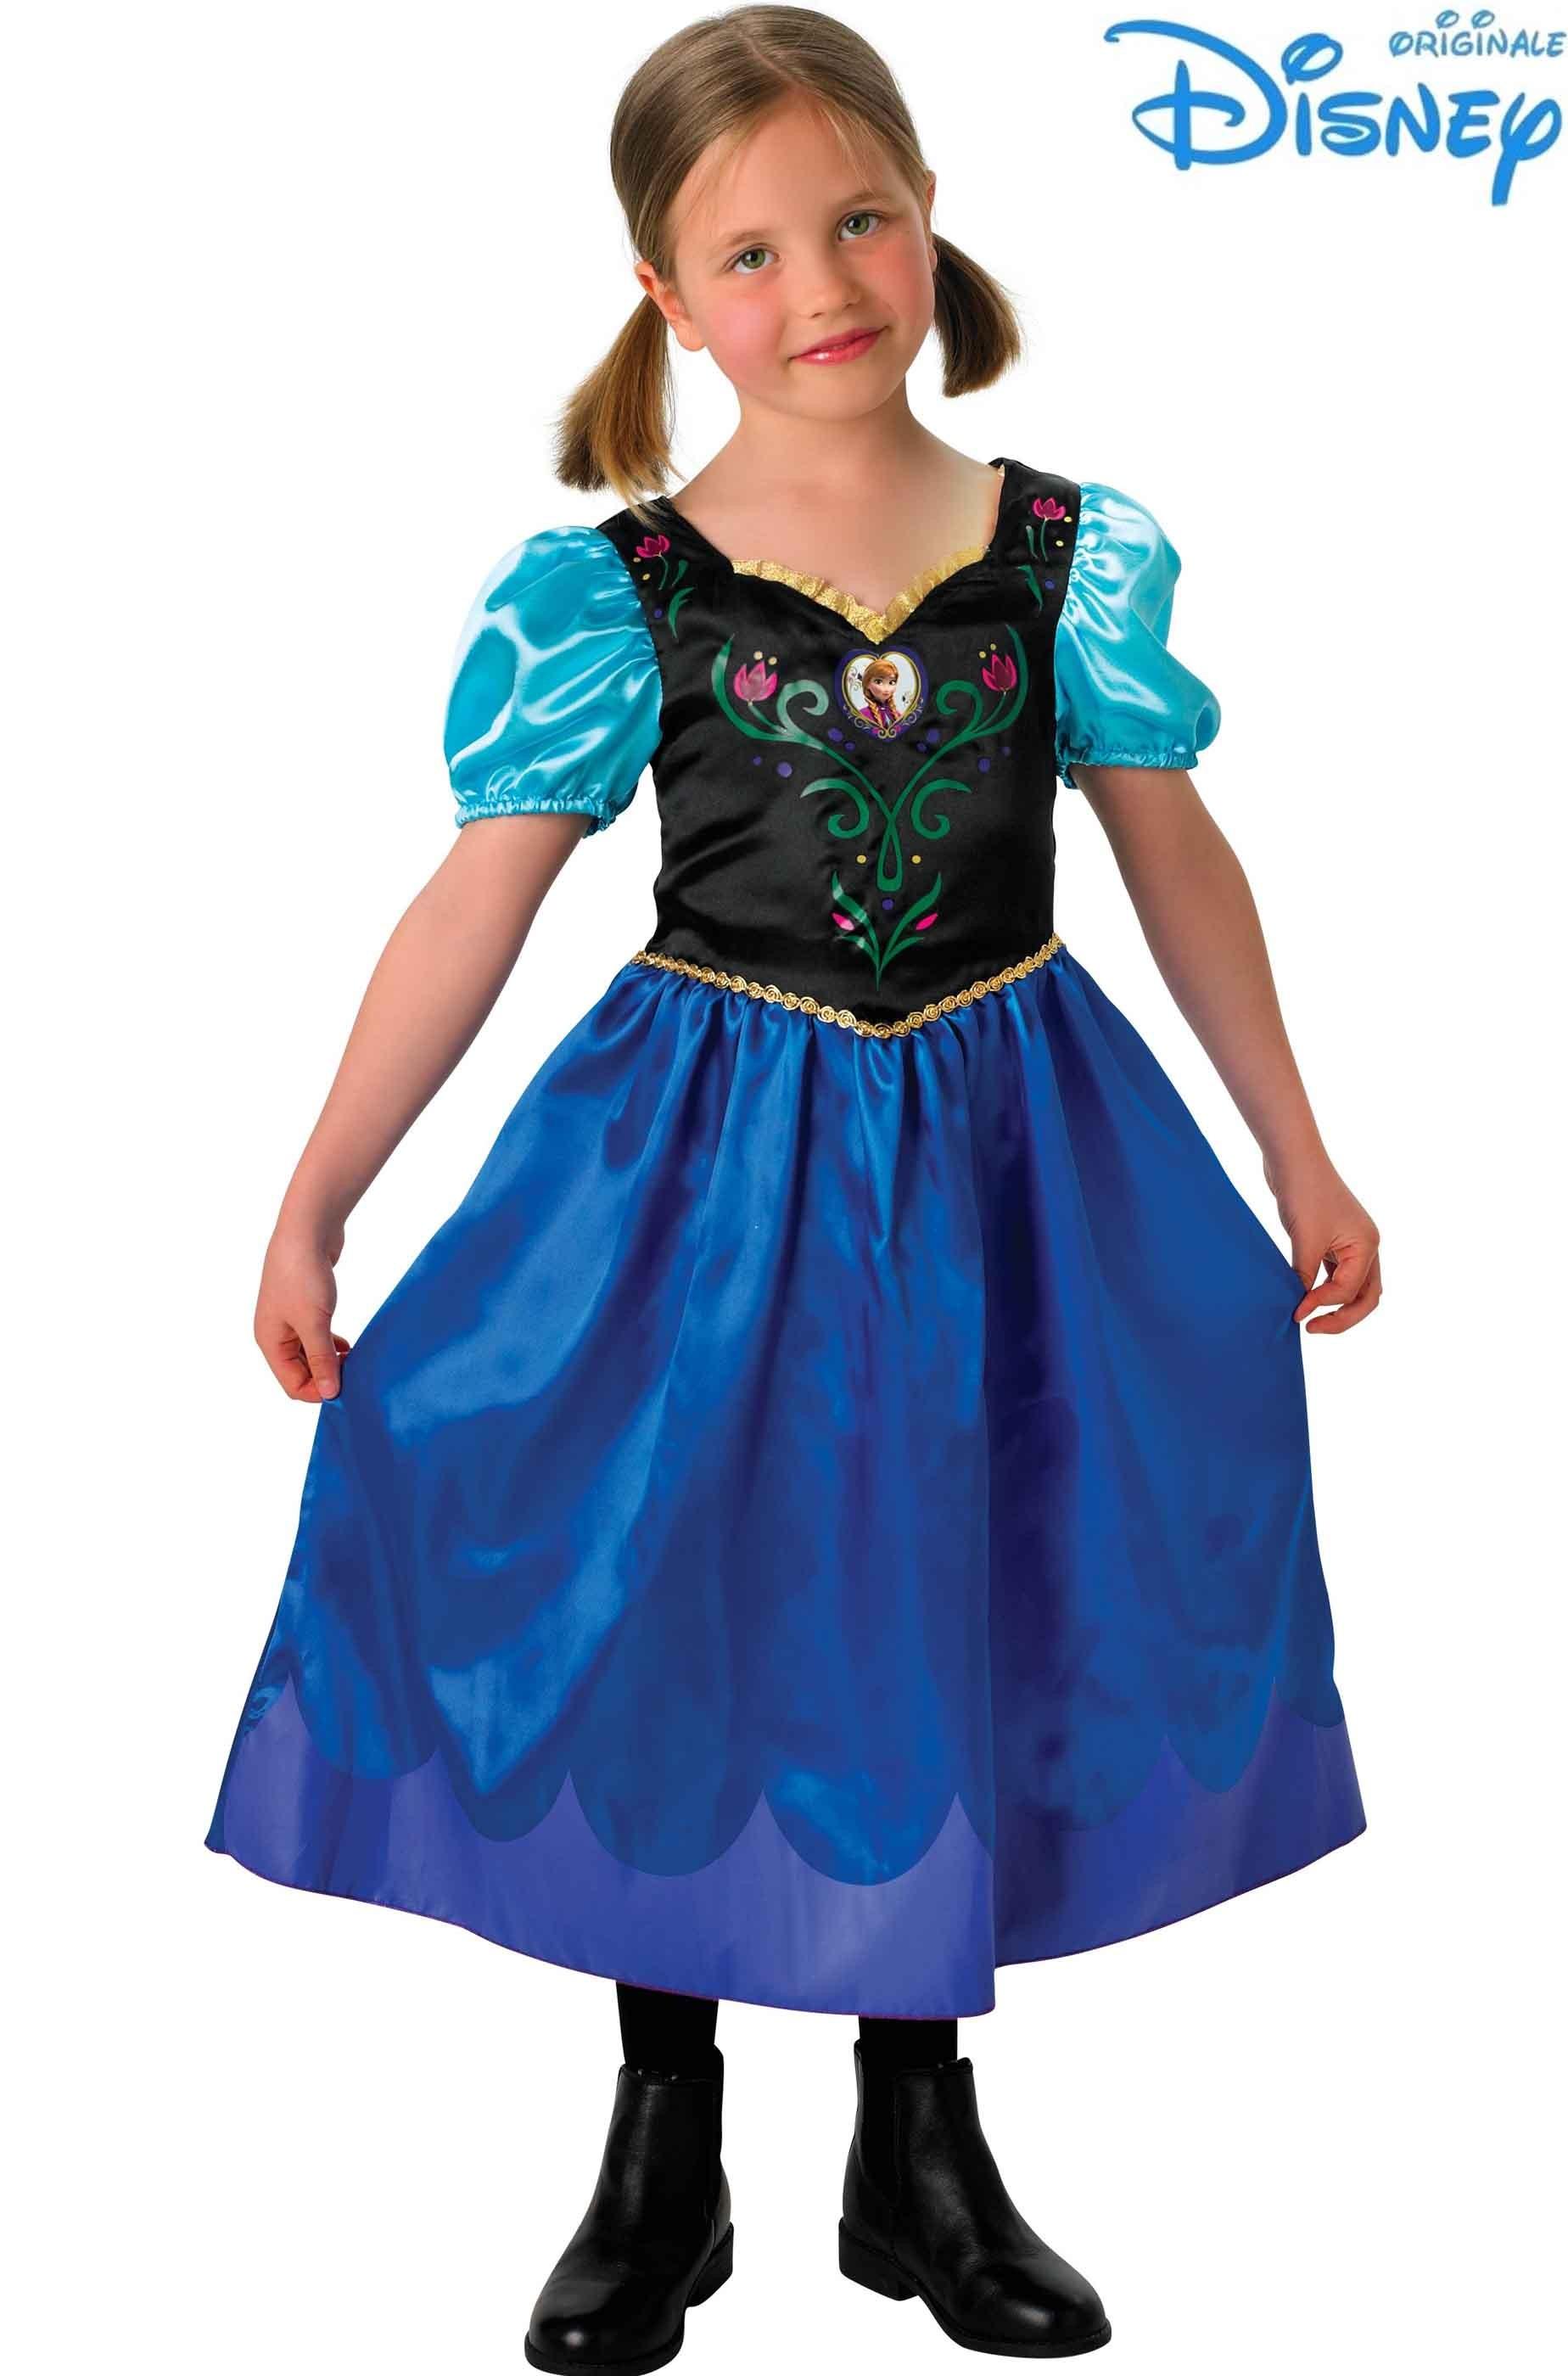 edf623ad96f4 Vestiti di Carnevale, Halloween, feste a tema per bambini e bambine ...